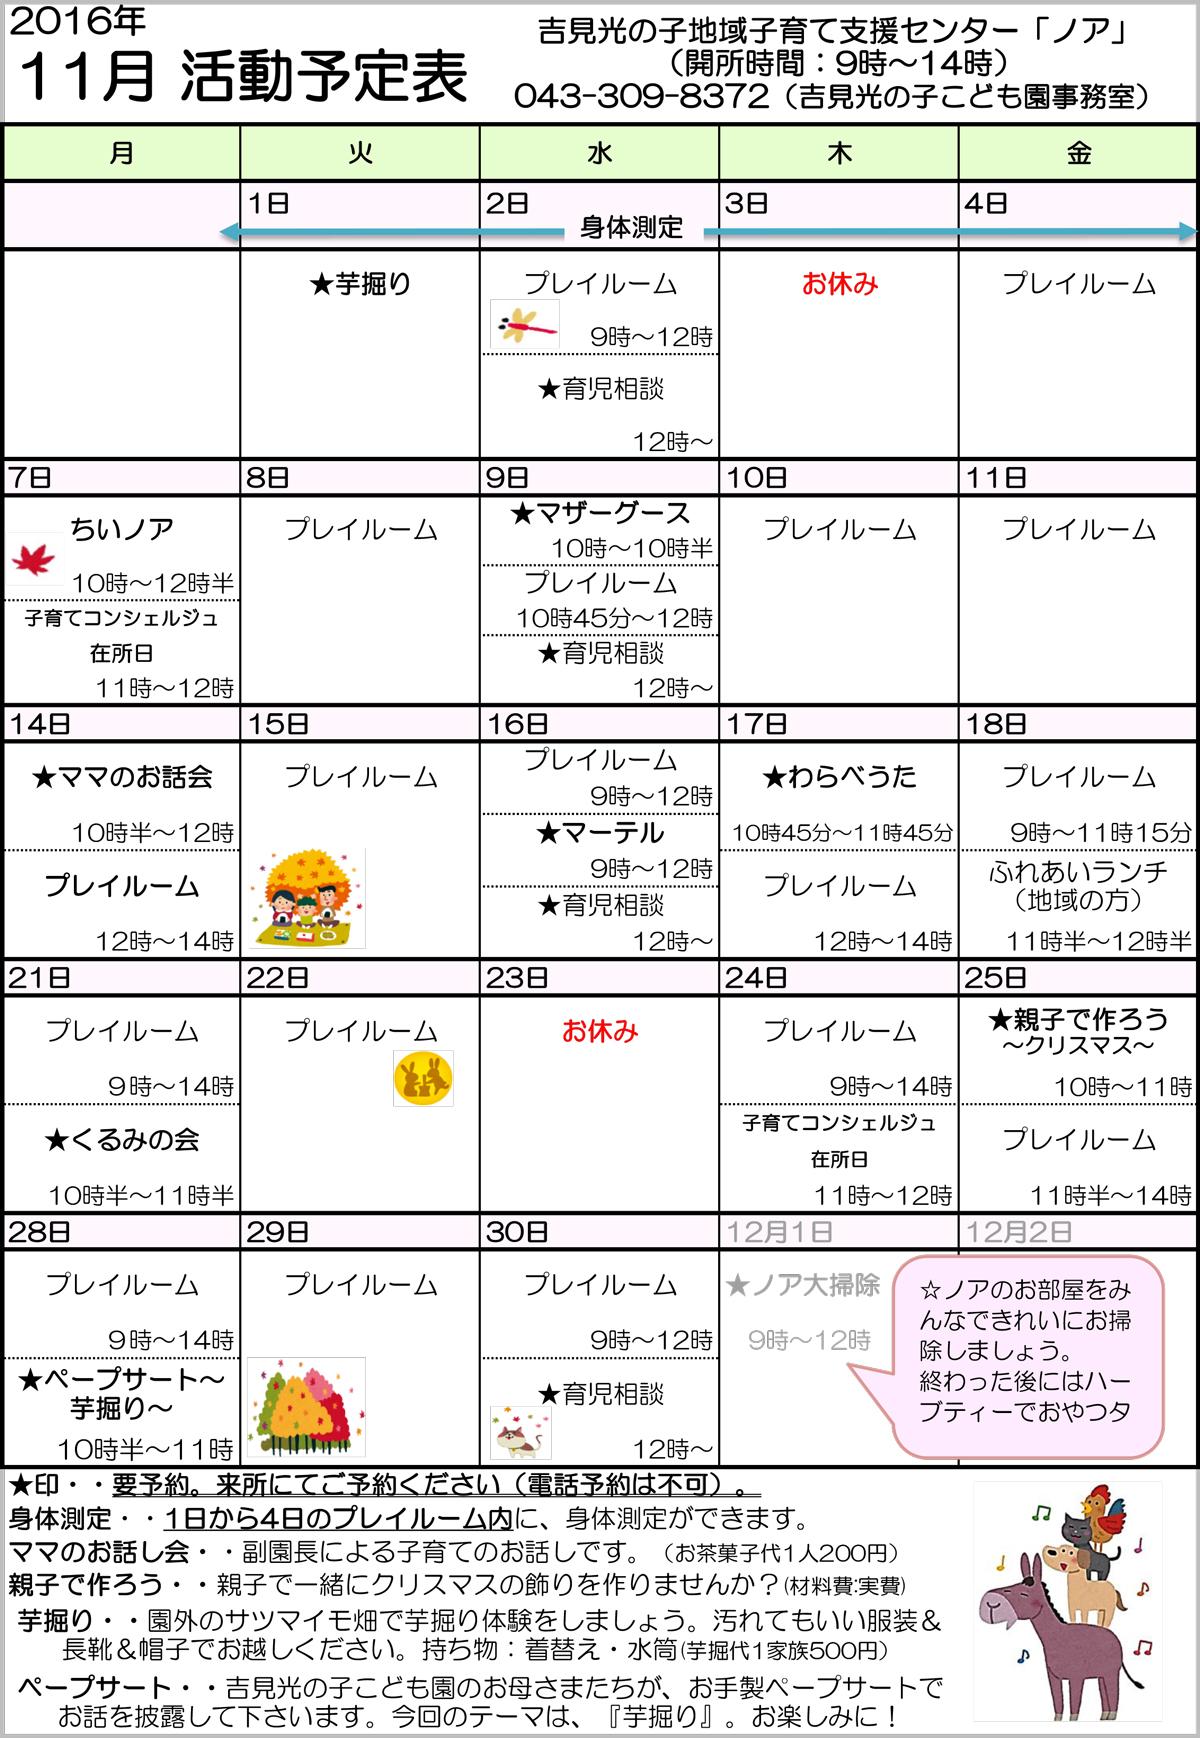 2016 11月ノア活動予定表